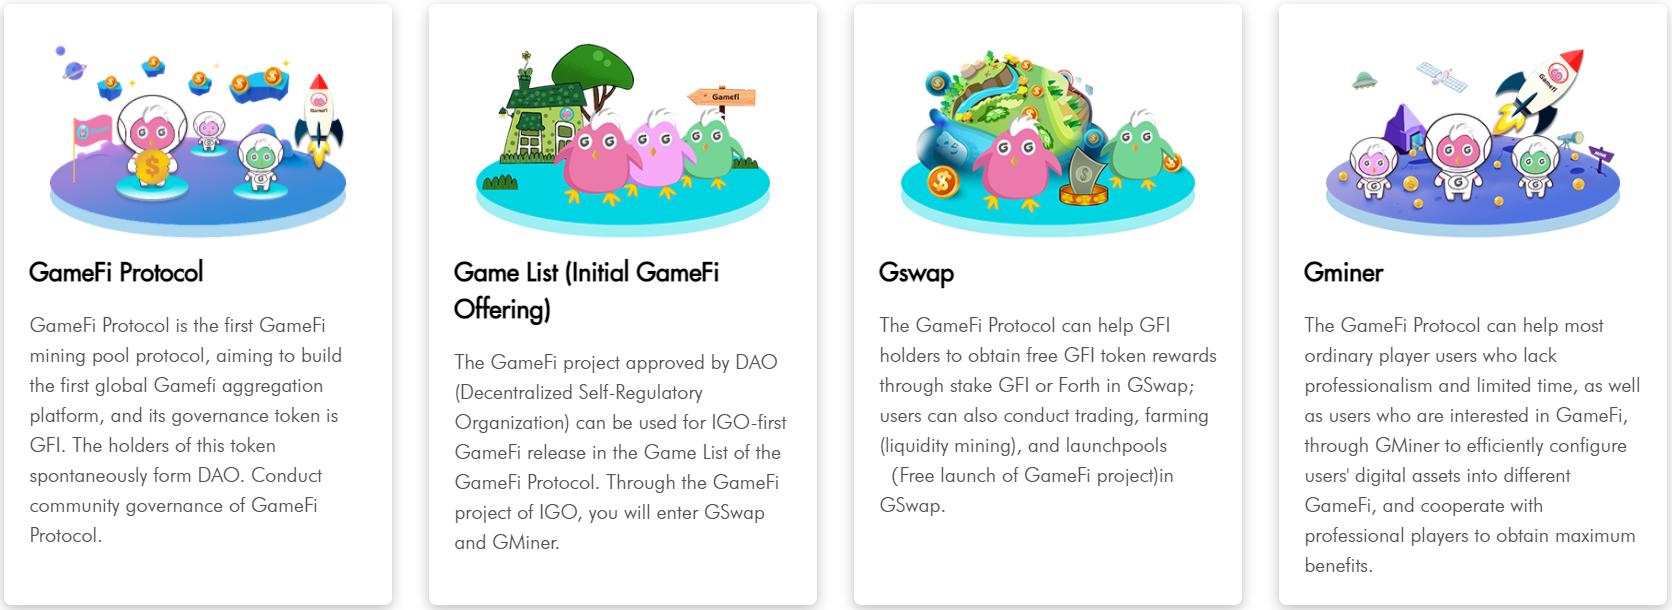 [币萌研究院] 投研报告 - GameFi Protocol (GFI)